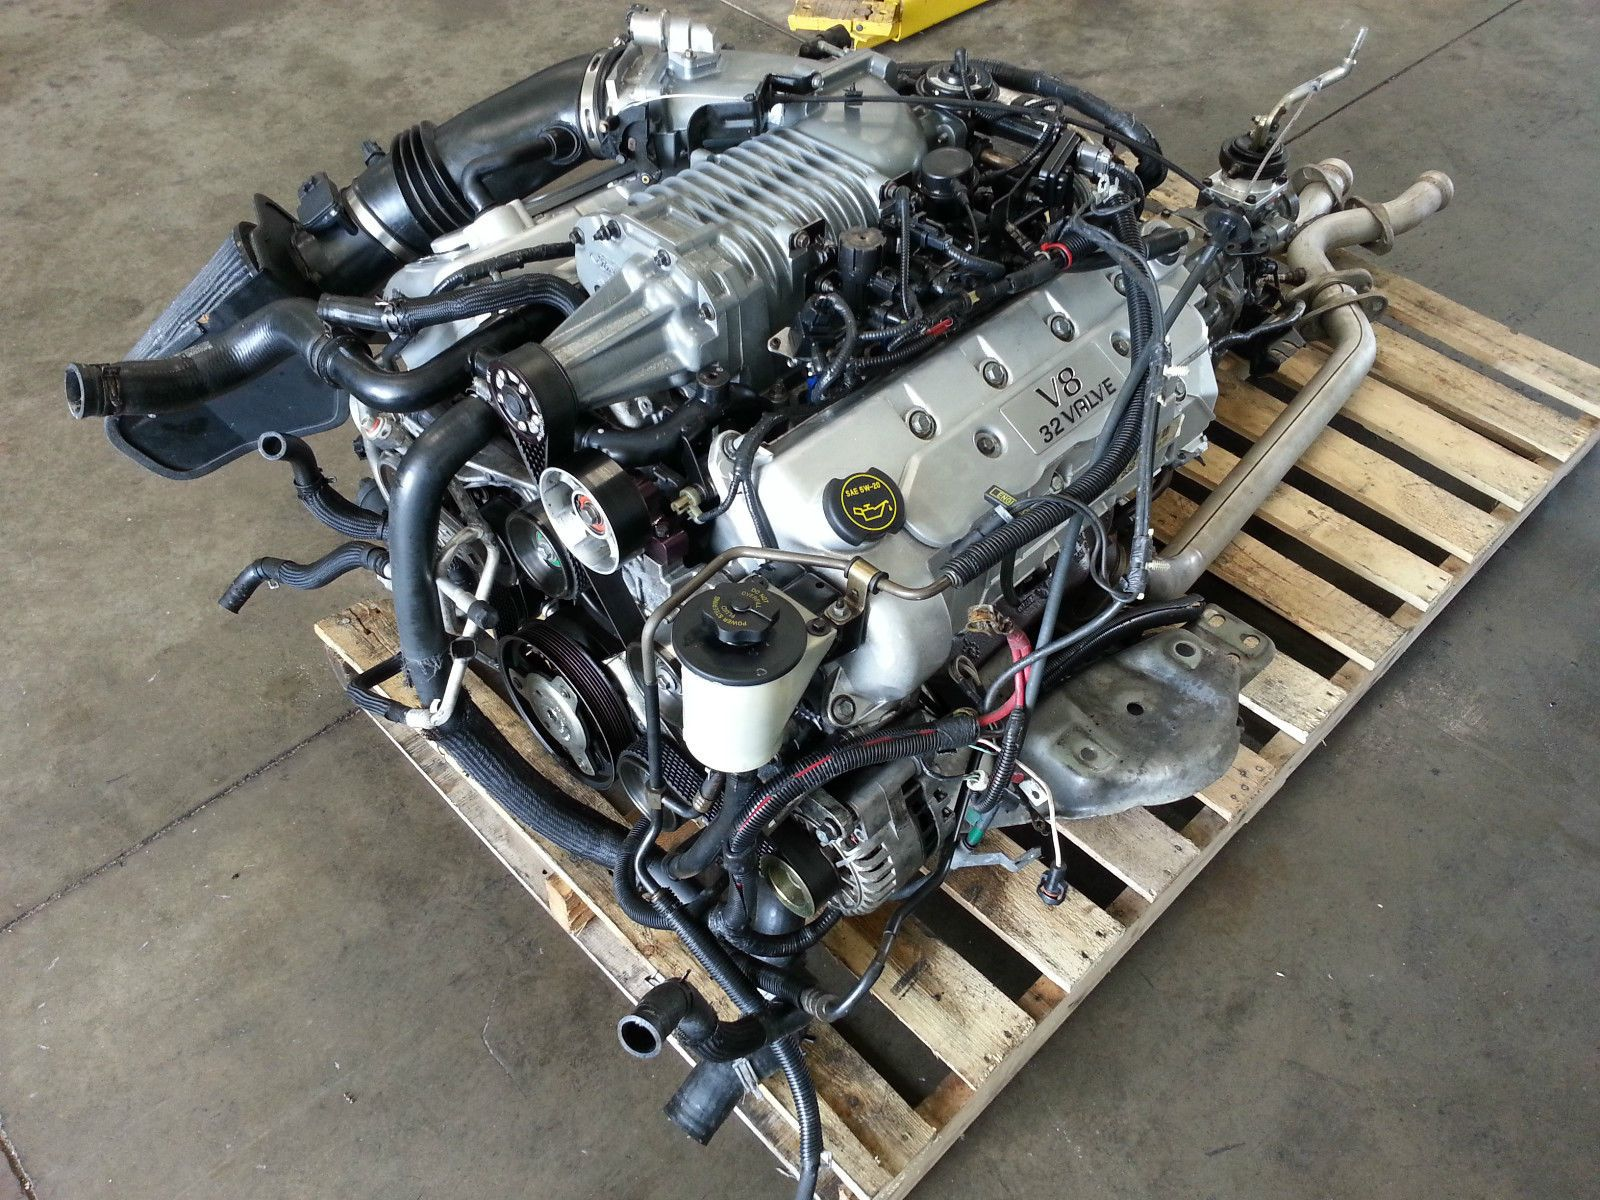 2003 2004 mustang cobra 4 6 v8 engine t56 transmission dohc supercharged motor ebay [ 1600 x 1200 Pixel ]